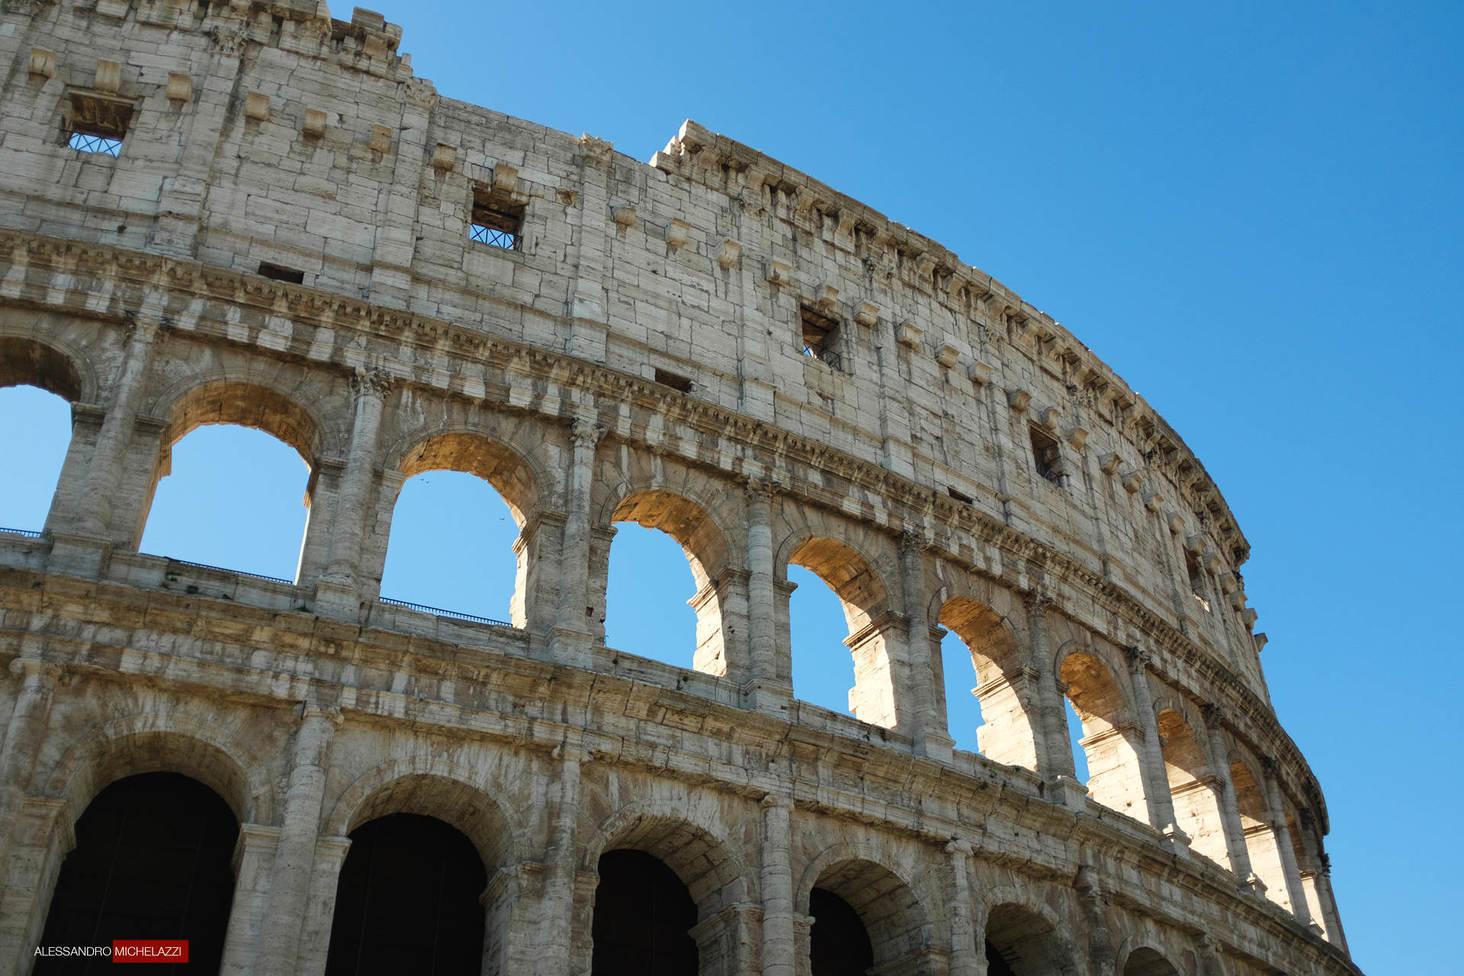 Antiteatro Flavio, detto il Colosseo in Rome